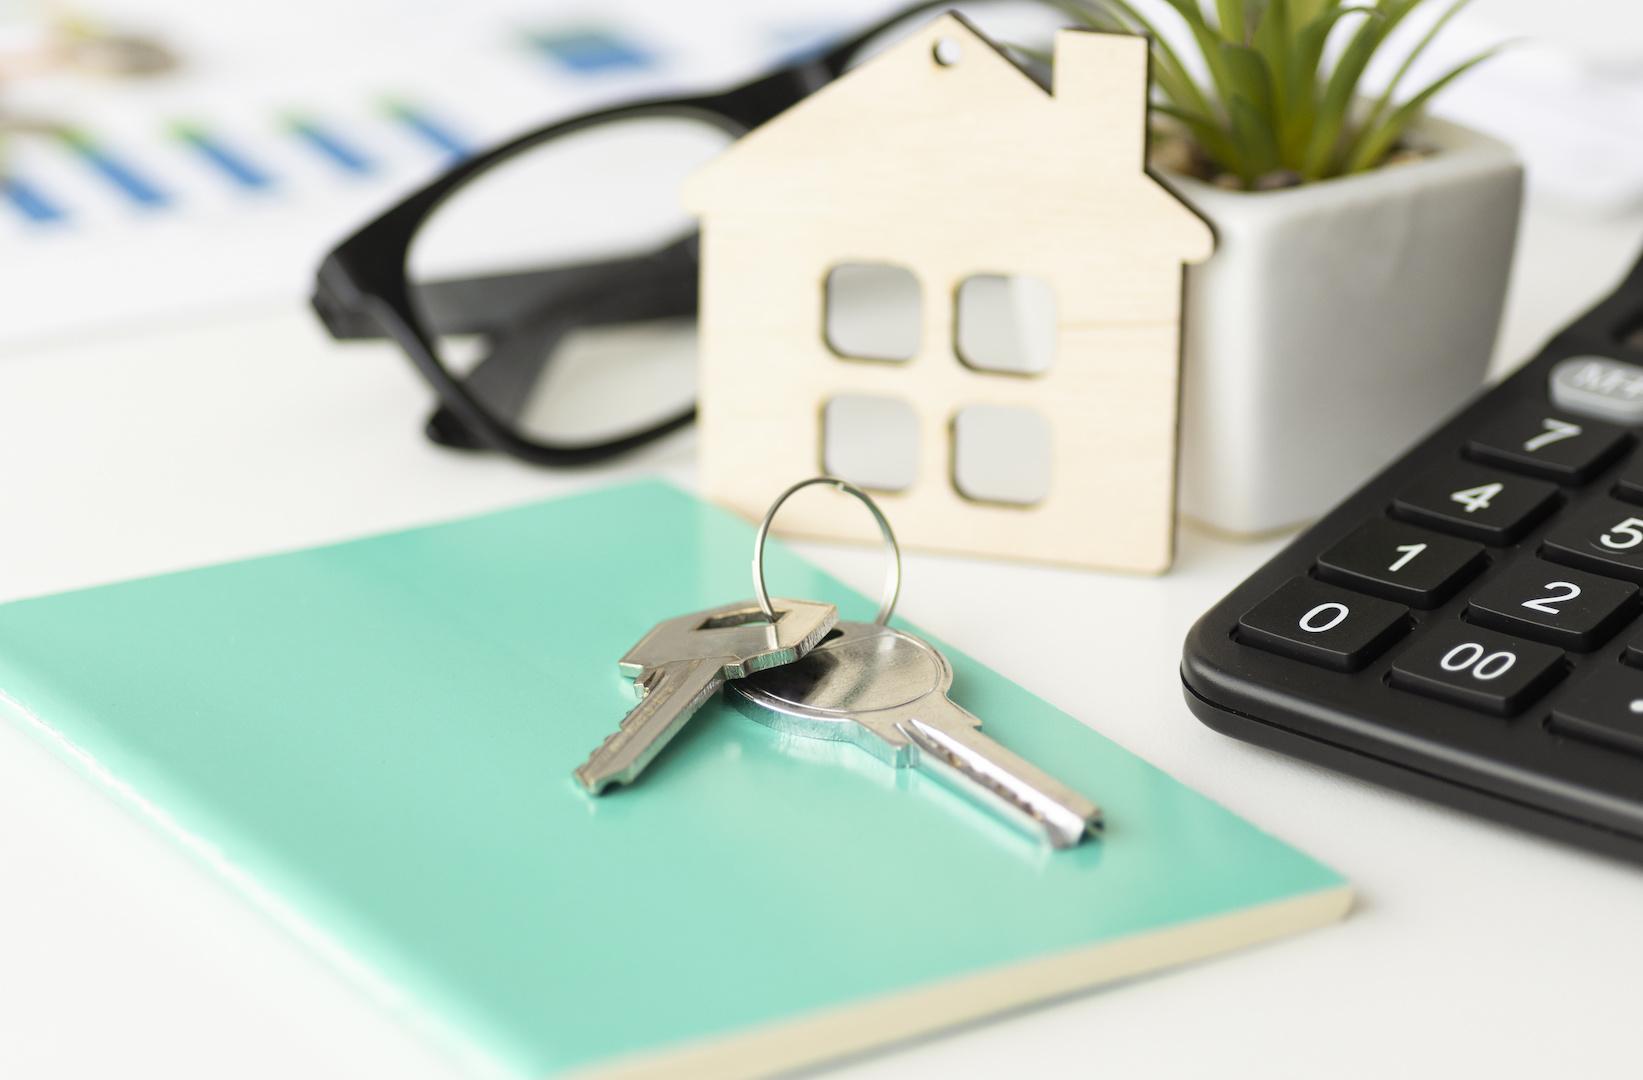 徳島で家を借りるなら、これだけあれば安心!?賃貸物件を借りる際に必要な初期費用の話